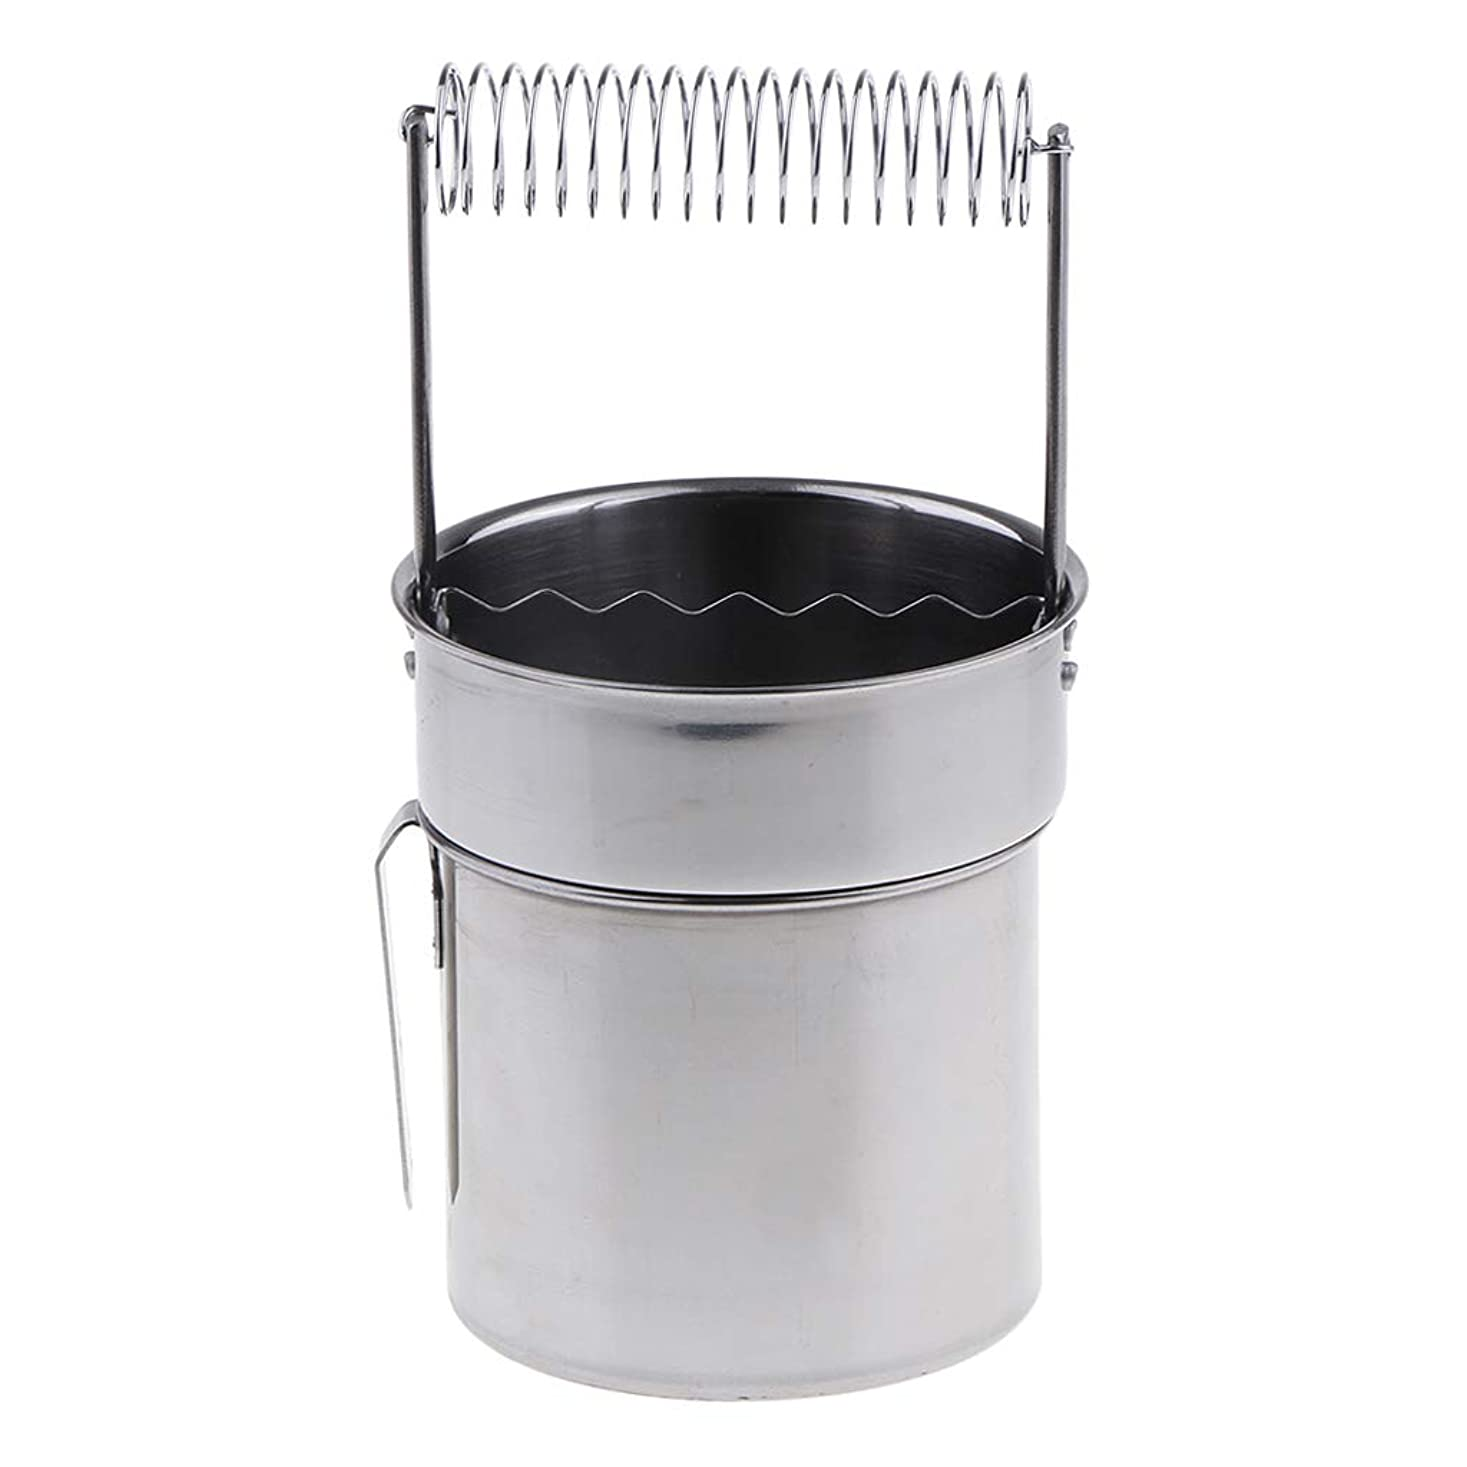 呪われた大胆不敵ソブリケット洗浄タンクホルダーが付いている専門のブラシの洗濯機のステンレス鋼のブラシの洗剤